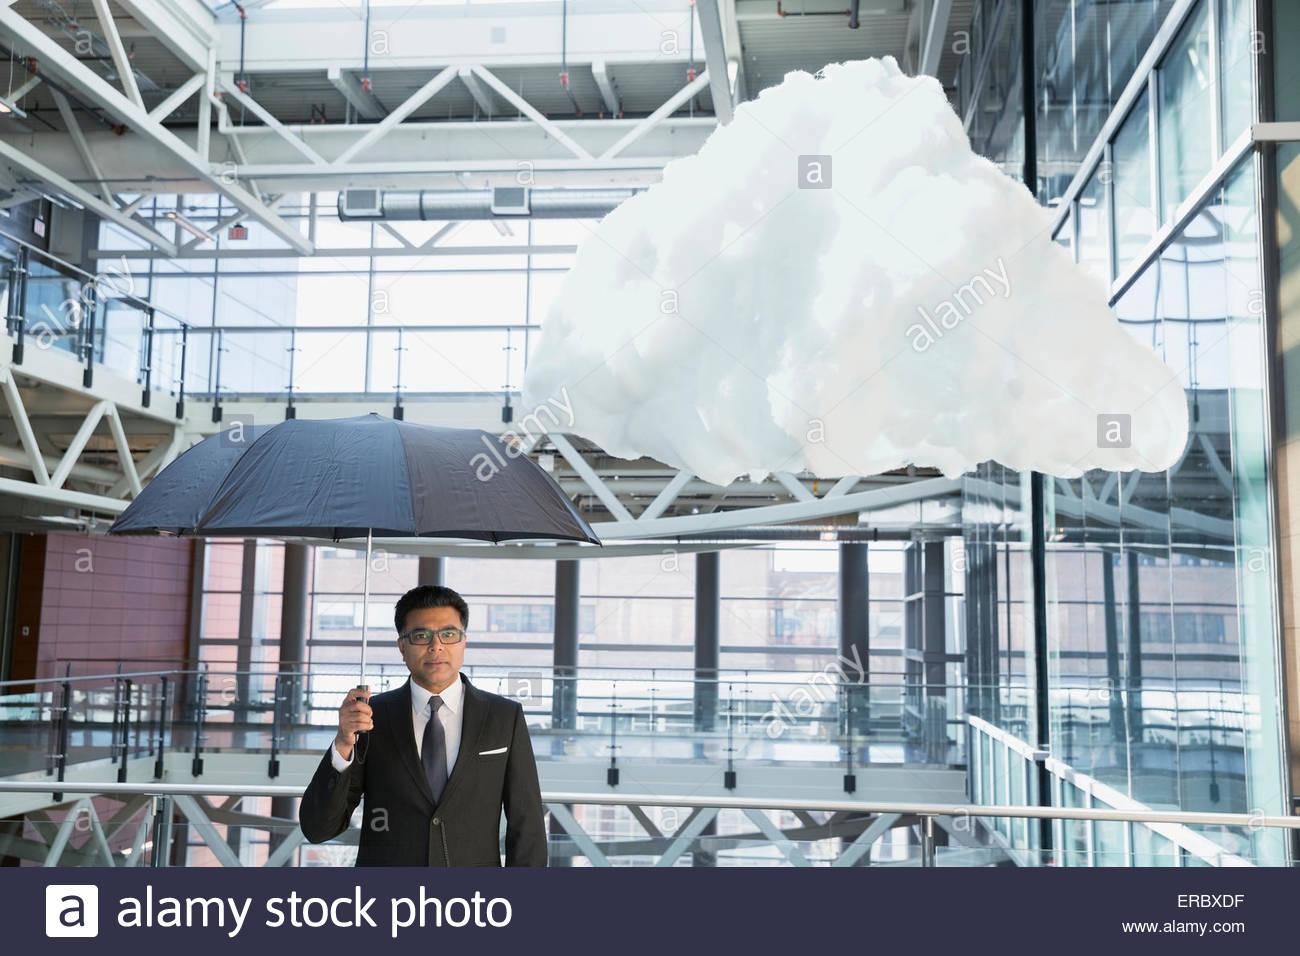 Ritratto imprenditore con ombrello sotto il cloud in atrium Immagini Stock